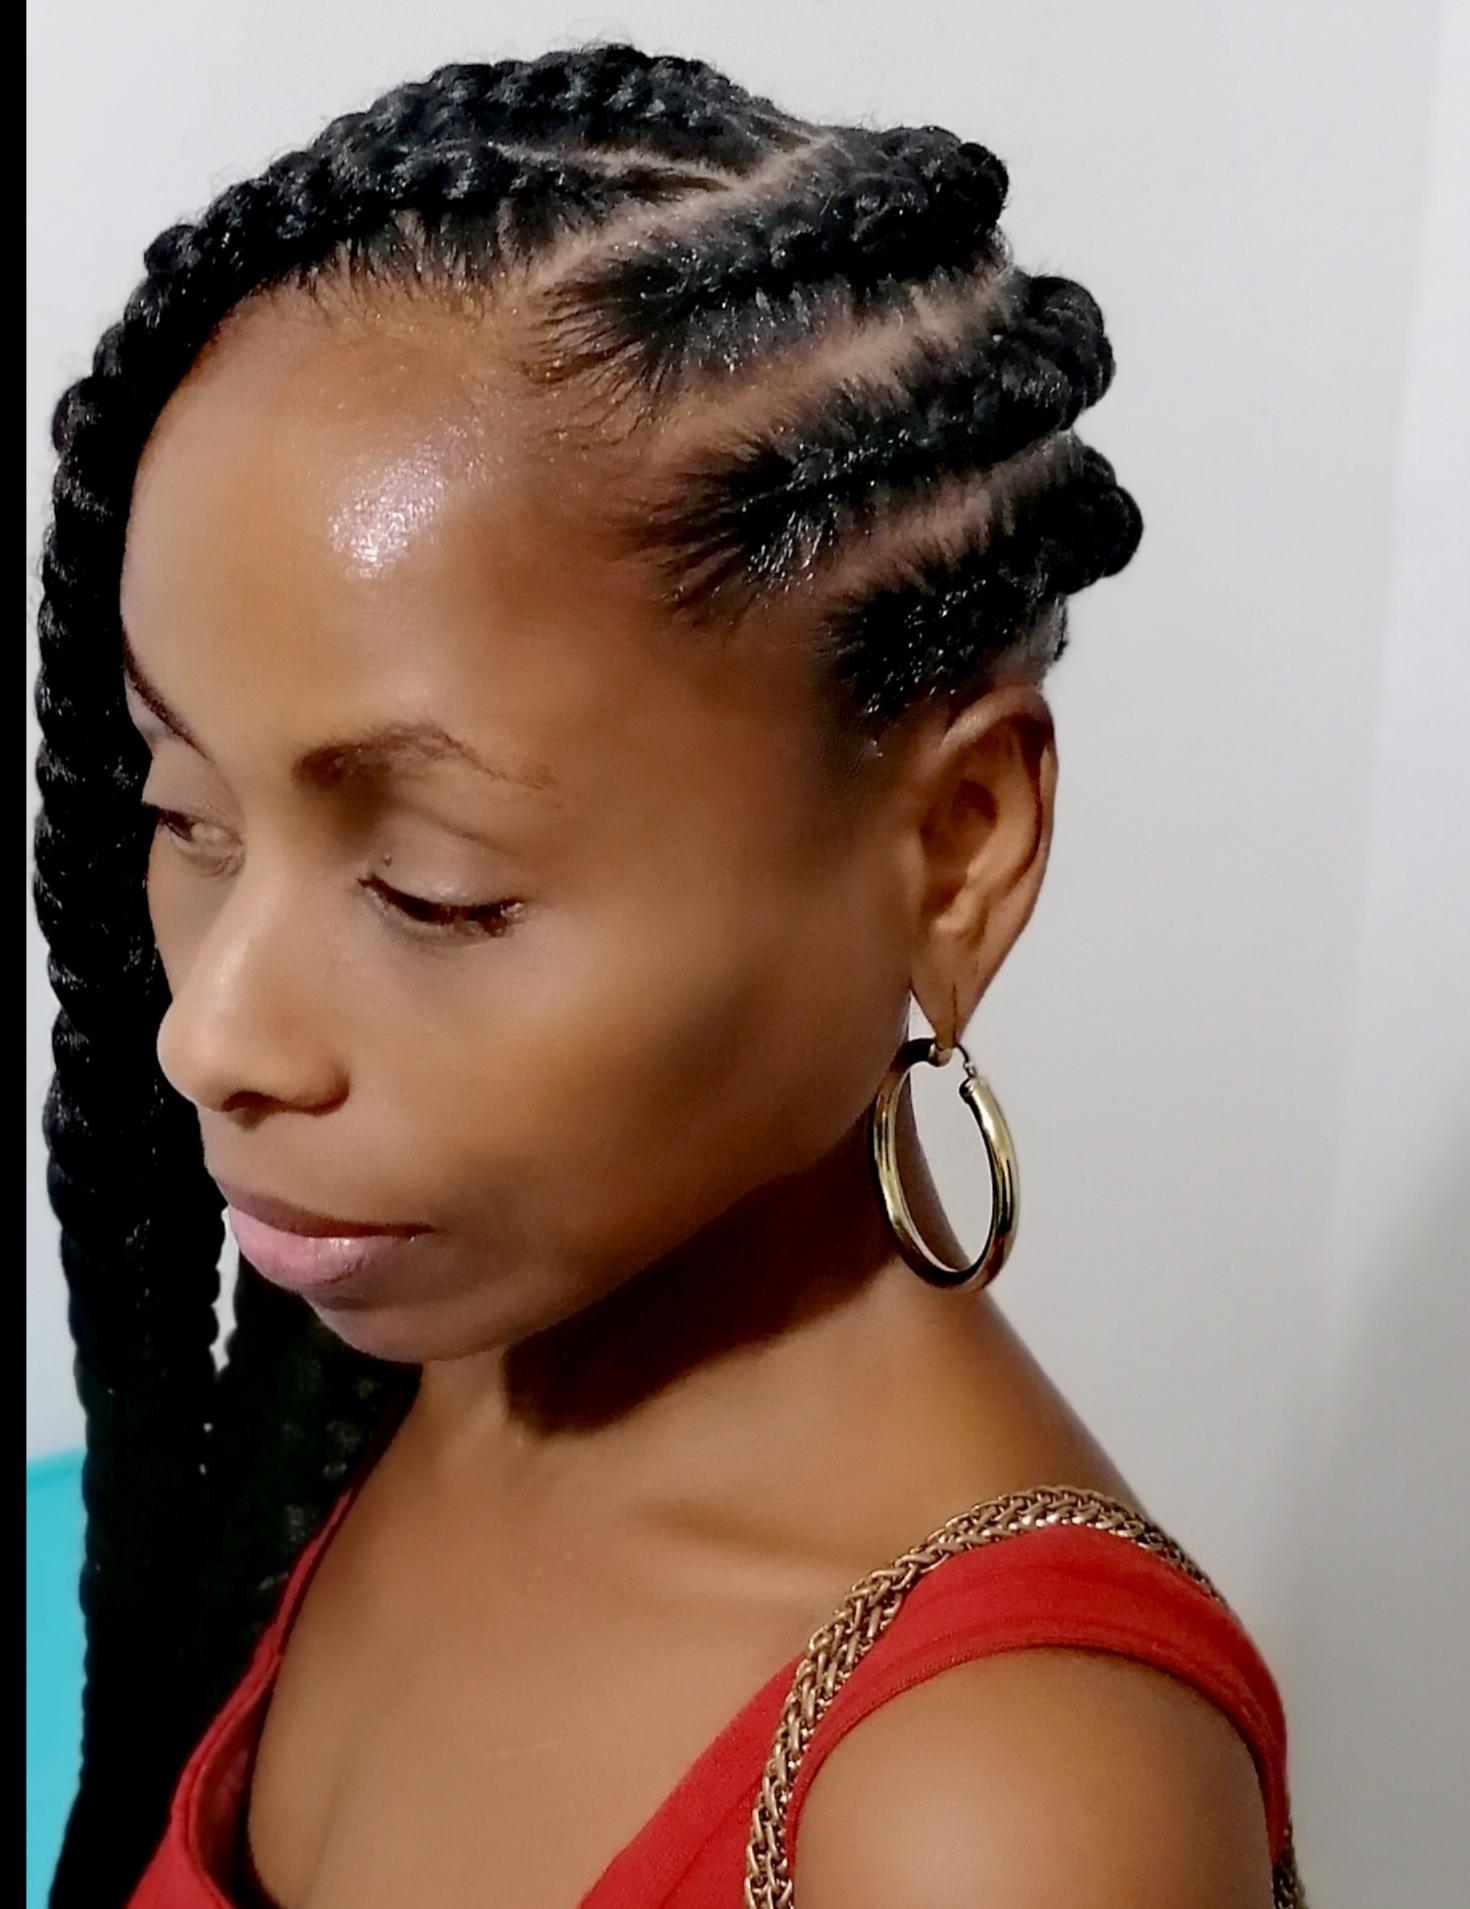 salon de coiffure afro tresse tresses box braids crochet braids vanilles tissages paris 75 77 78 91 92 93 94 95 ZRPCYUNL